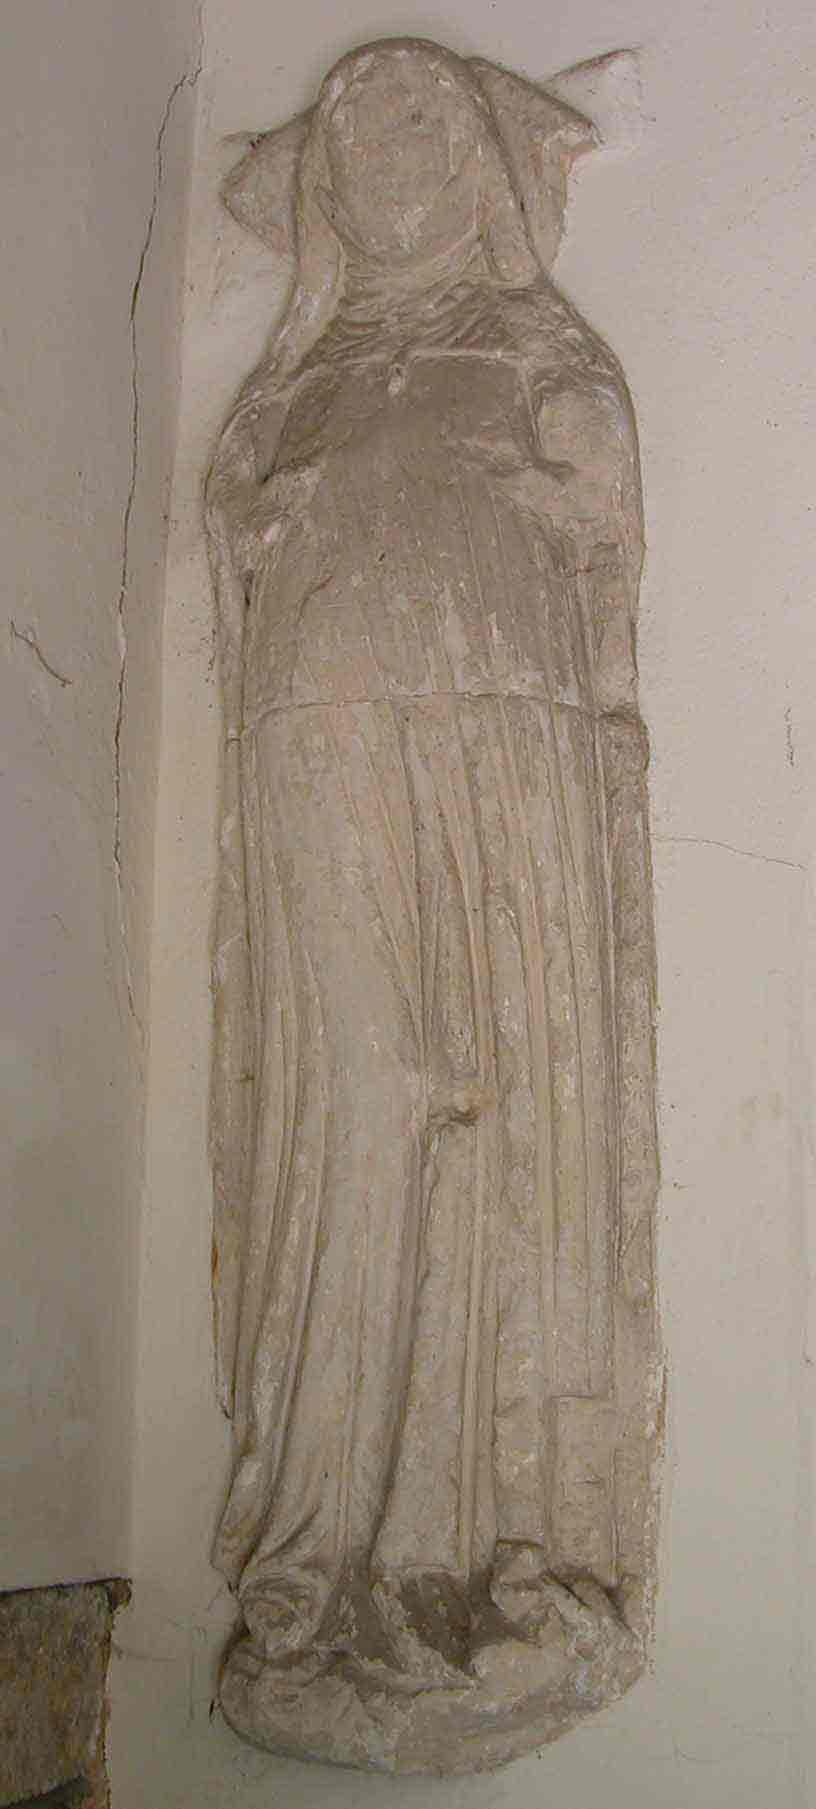 Stone effigy